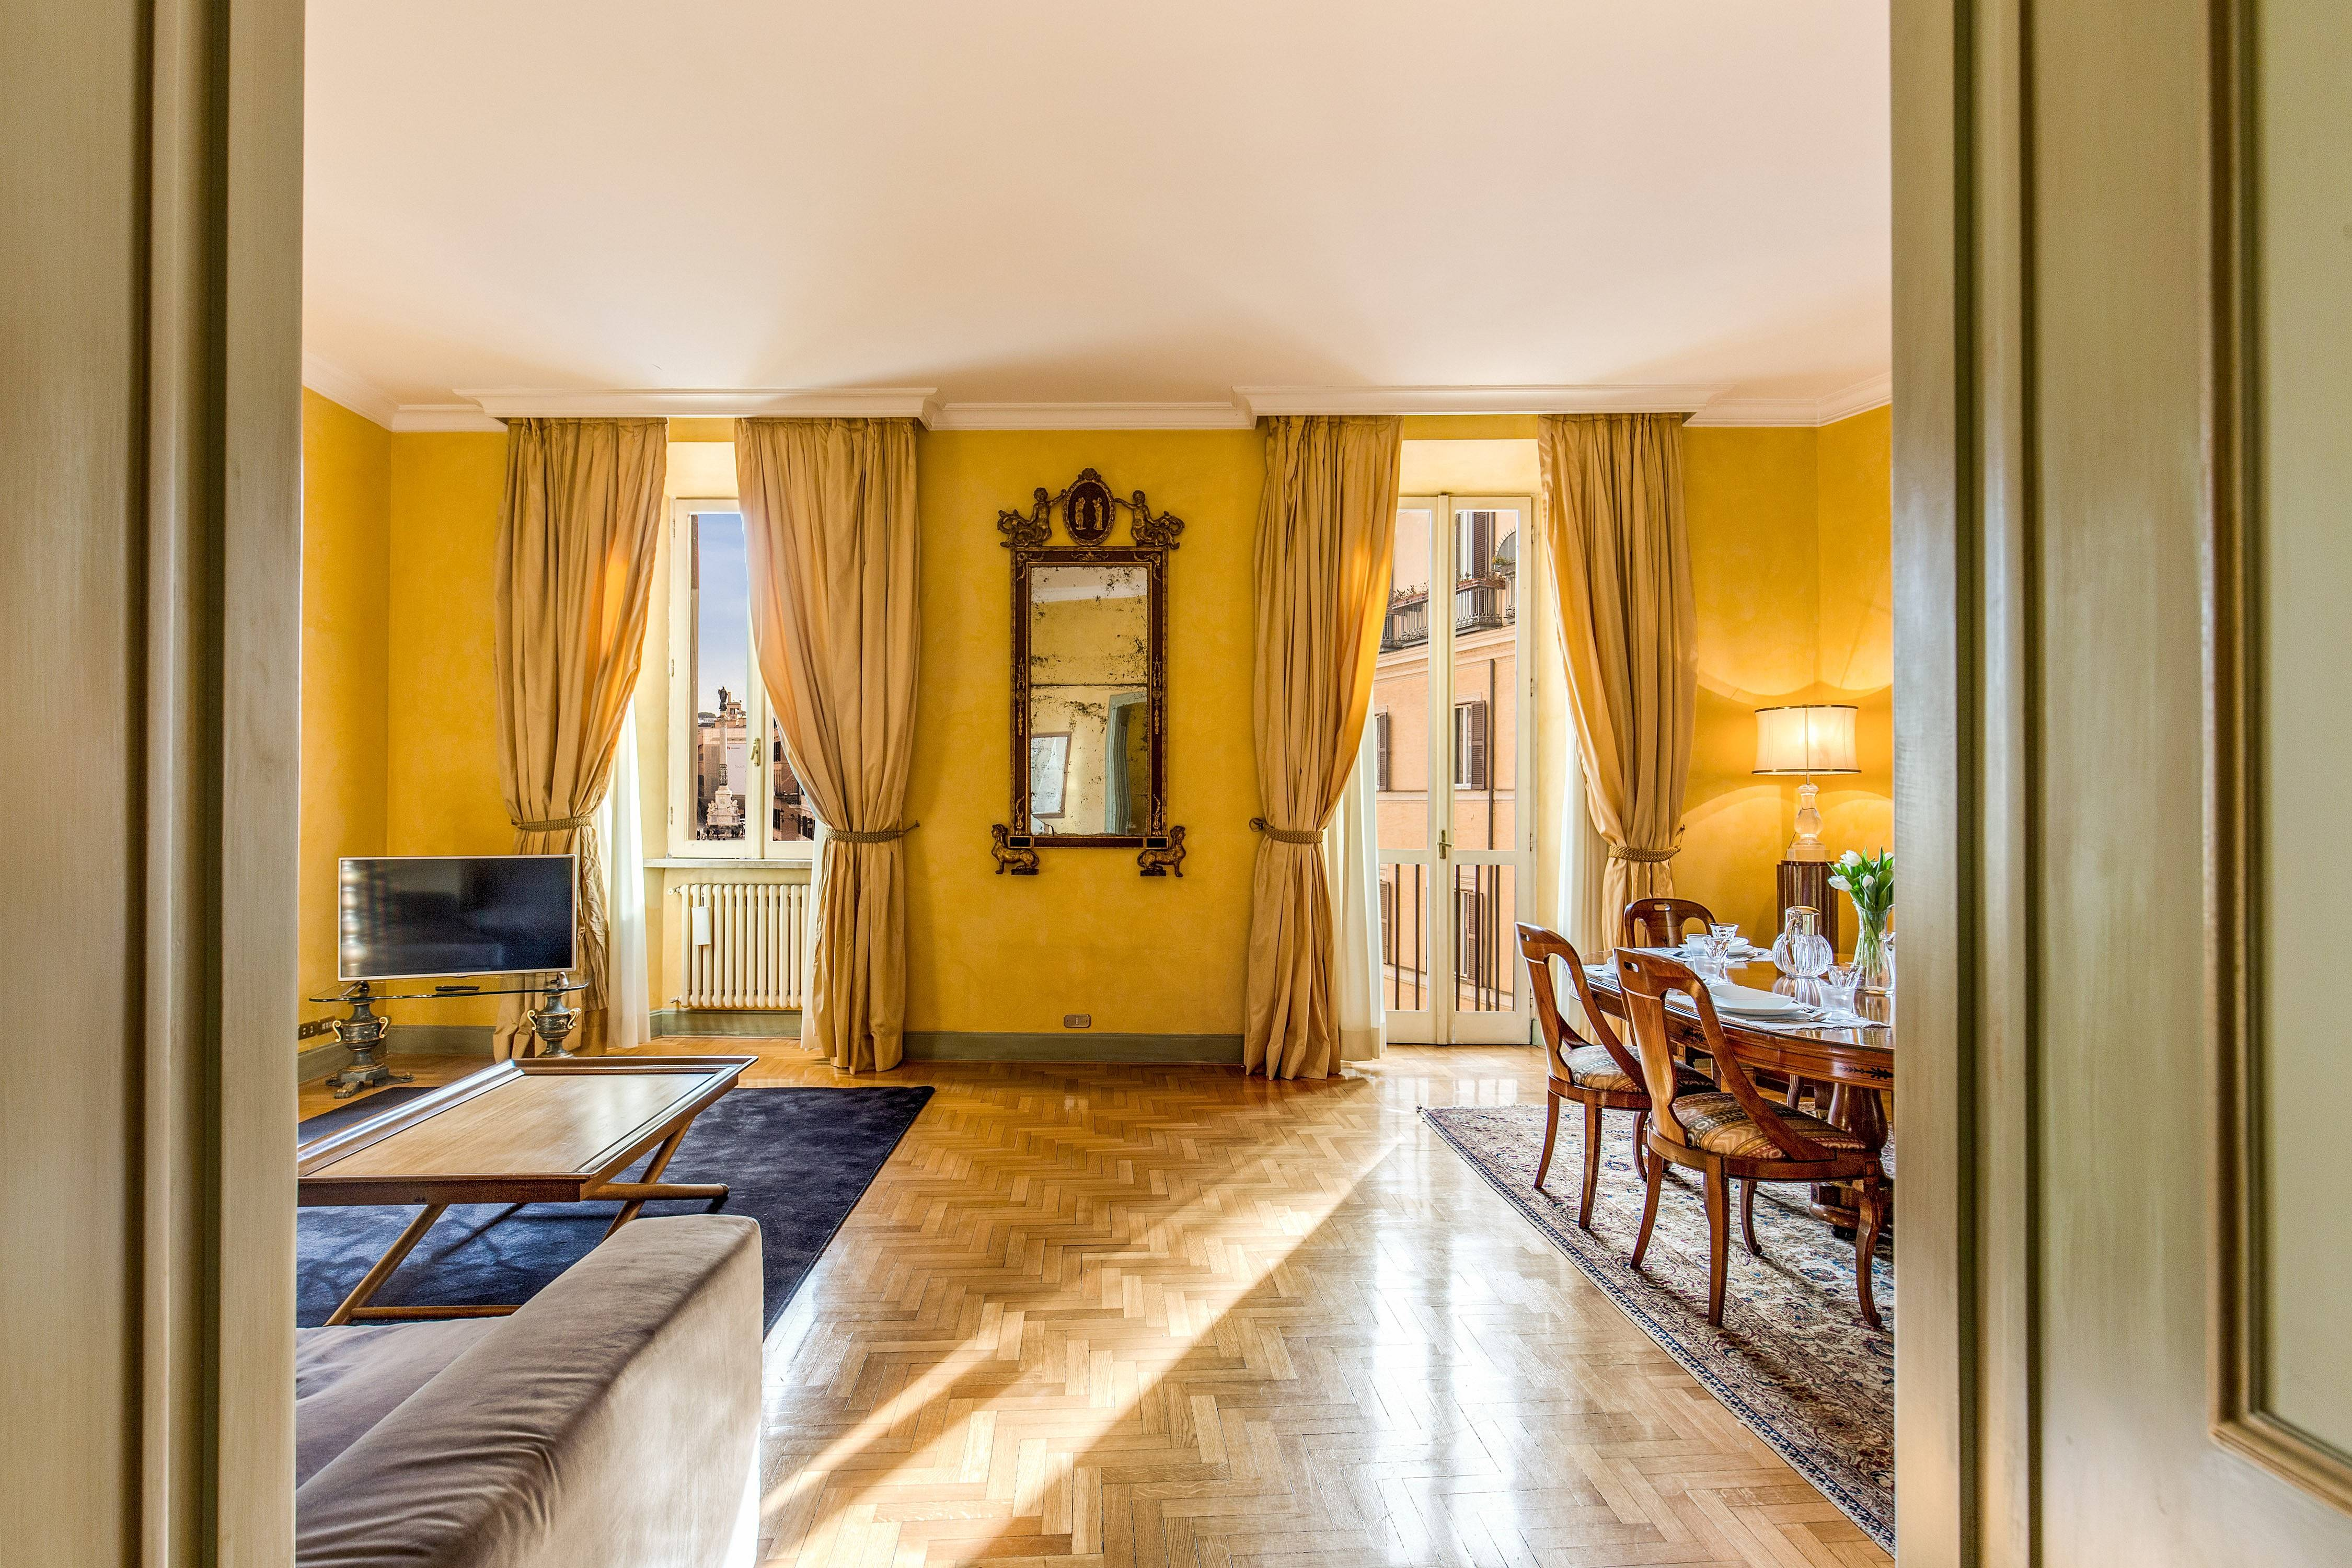 wohnung zur miete in mantua il centro rom rom. Black Bedroom Furniture Sets. Home Design Ideas